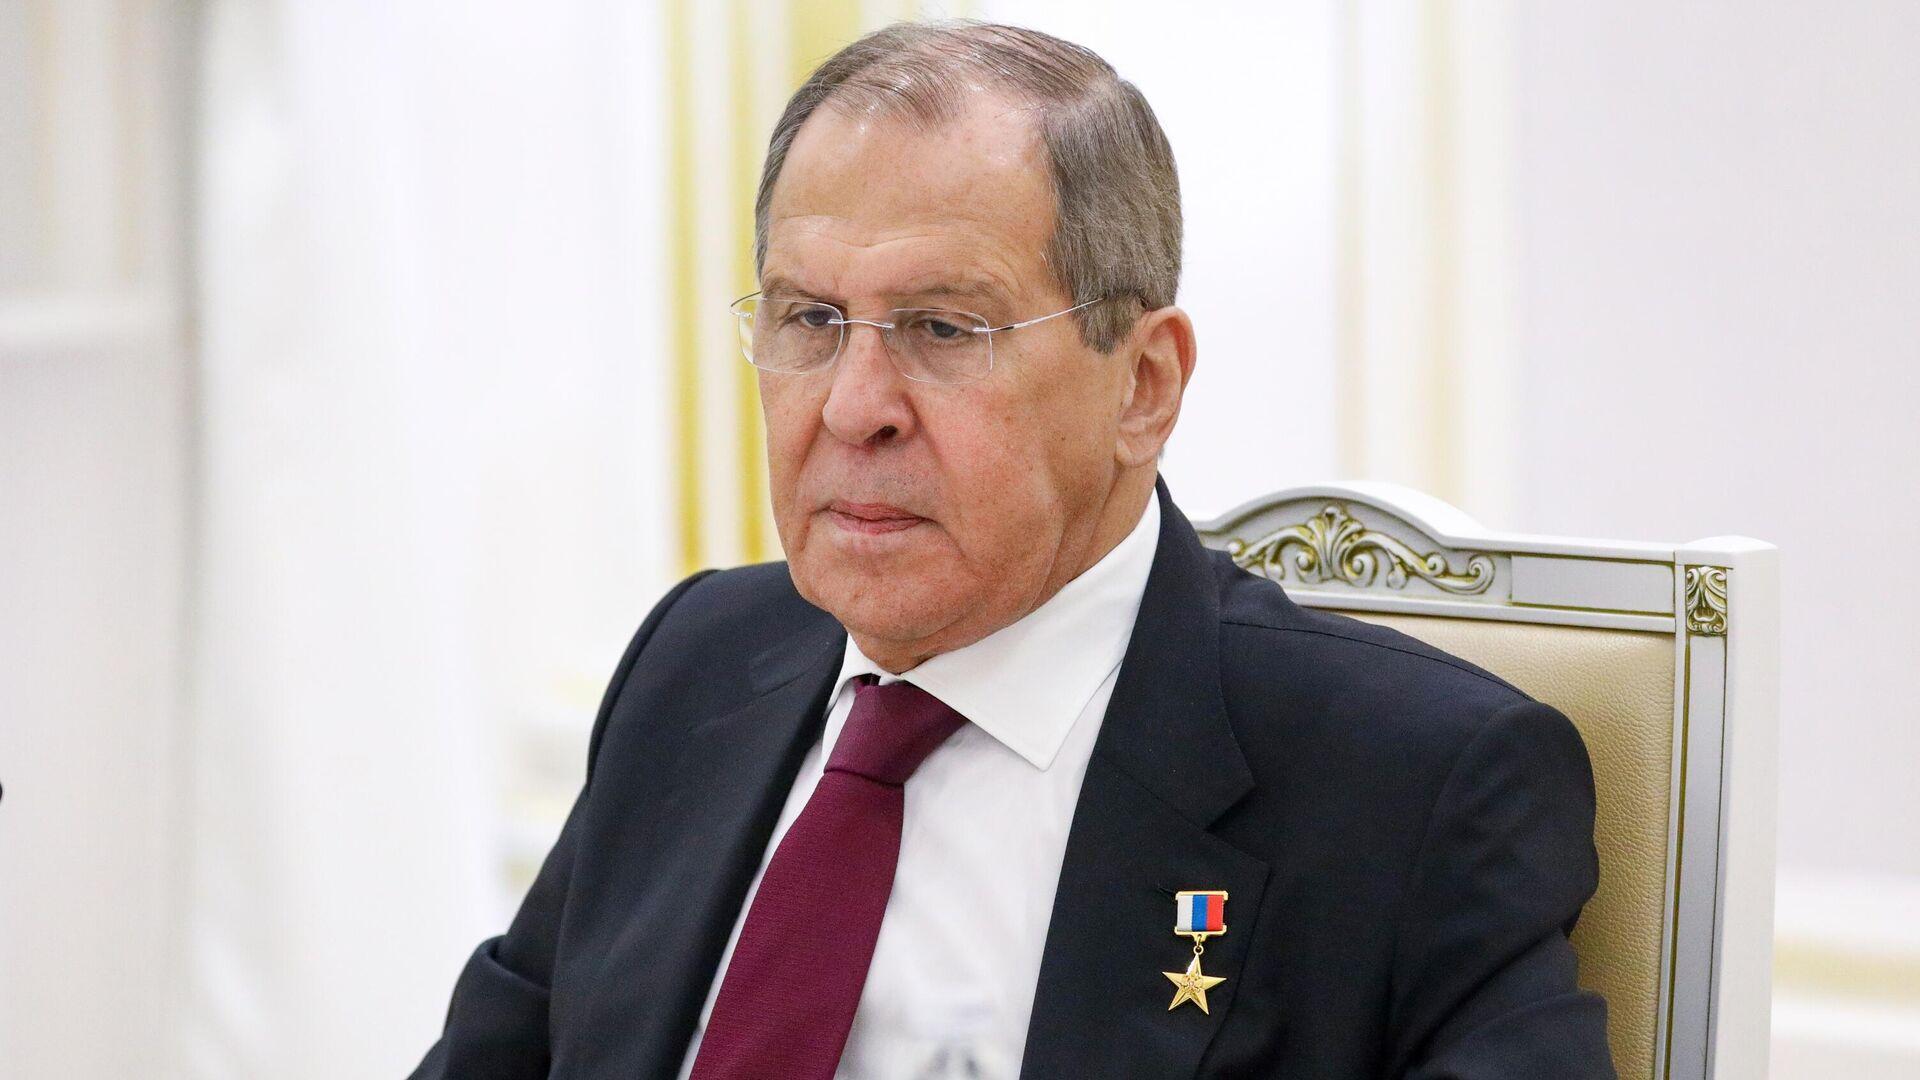 Москва выступает за безопасность и мир в Афганистане, заявил Лавров